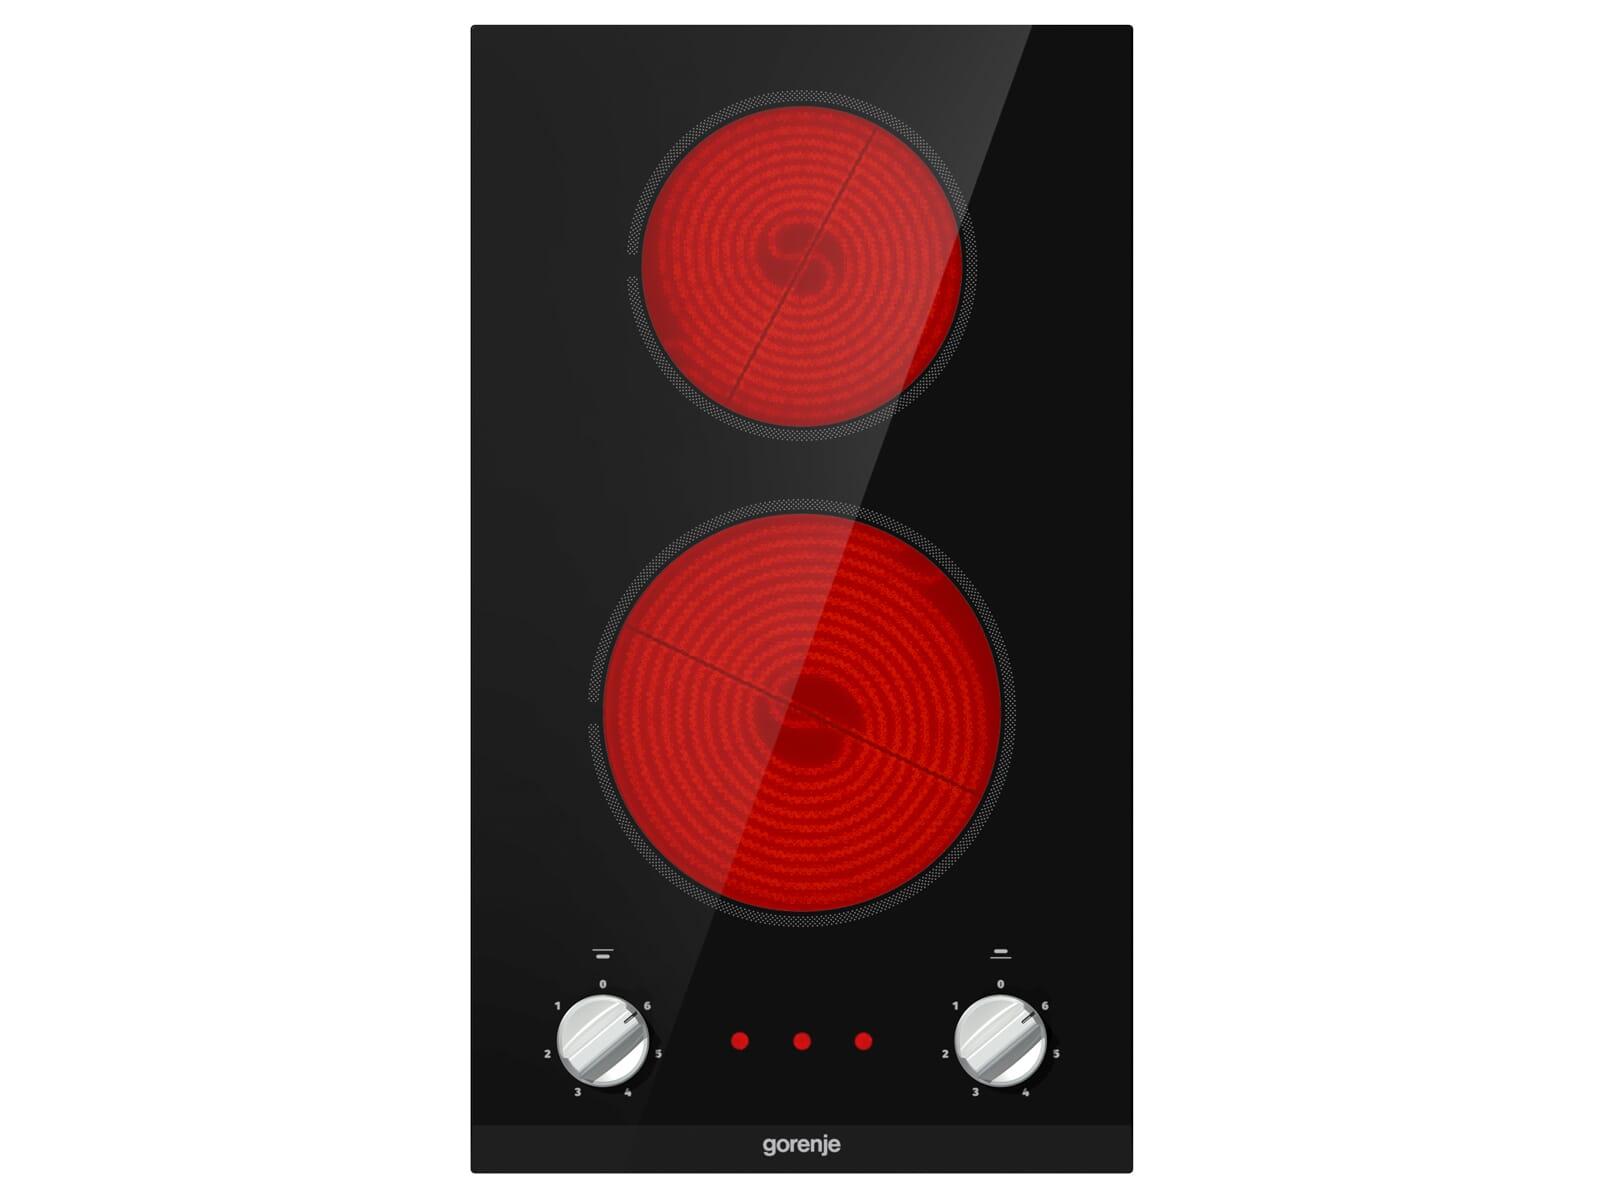 Gorenje EC 321 BCSC Domino Glaskeramik-Kochfeld autark